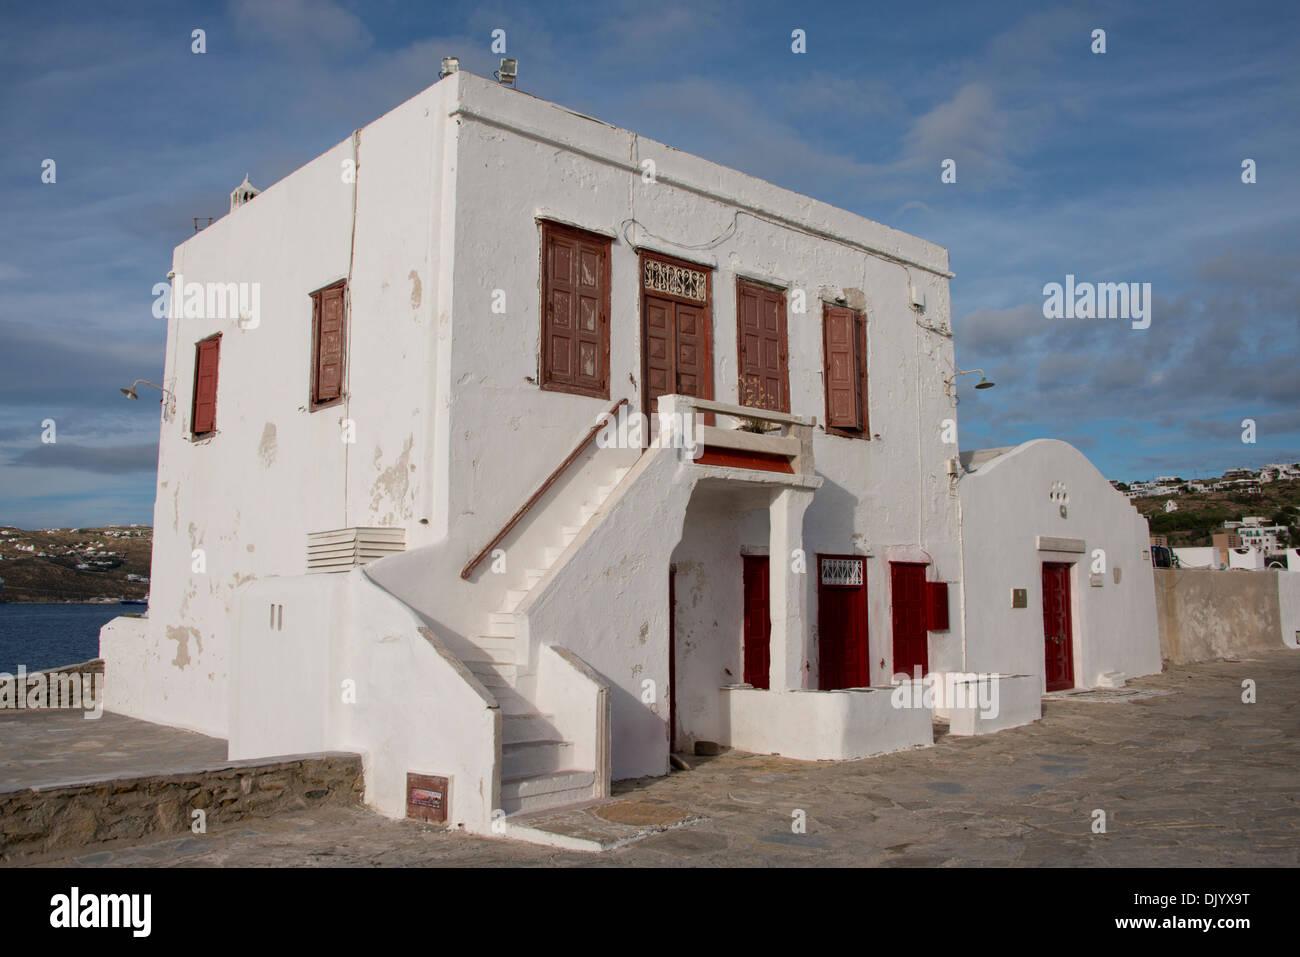 Grèce, Groupe d'îles des Cyclades, Mykonos, Hora. Sur le toit typique blanchi à la chaux montrant l'architecture traditionnelle des Cyclades. Banque D'Images